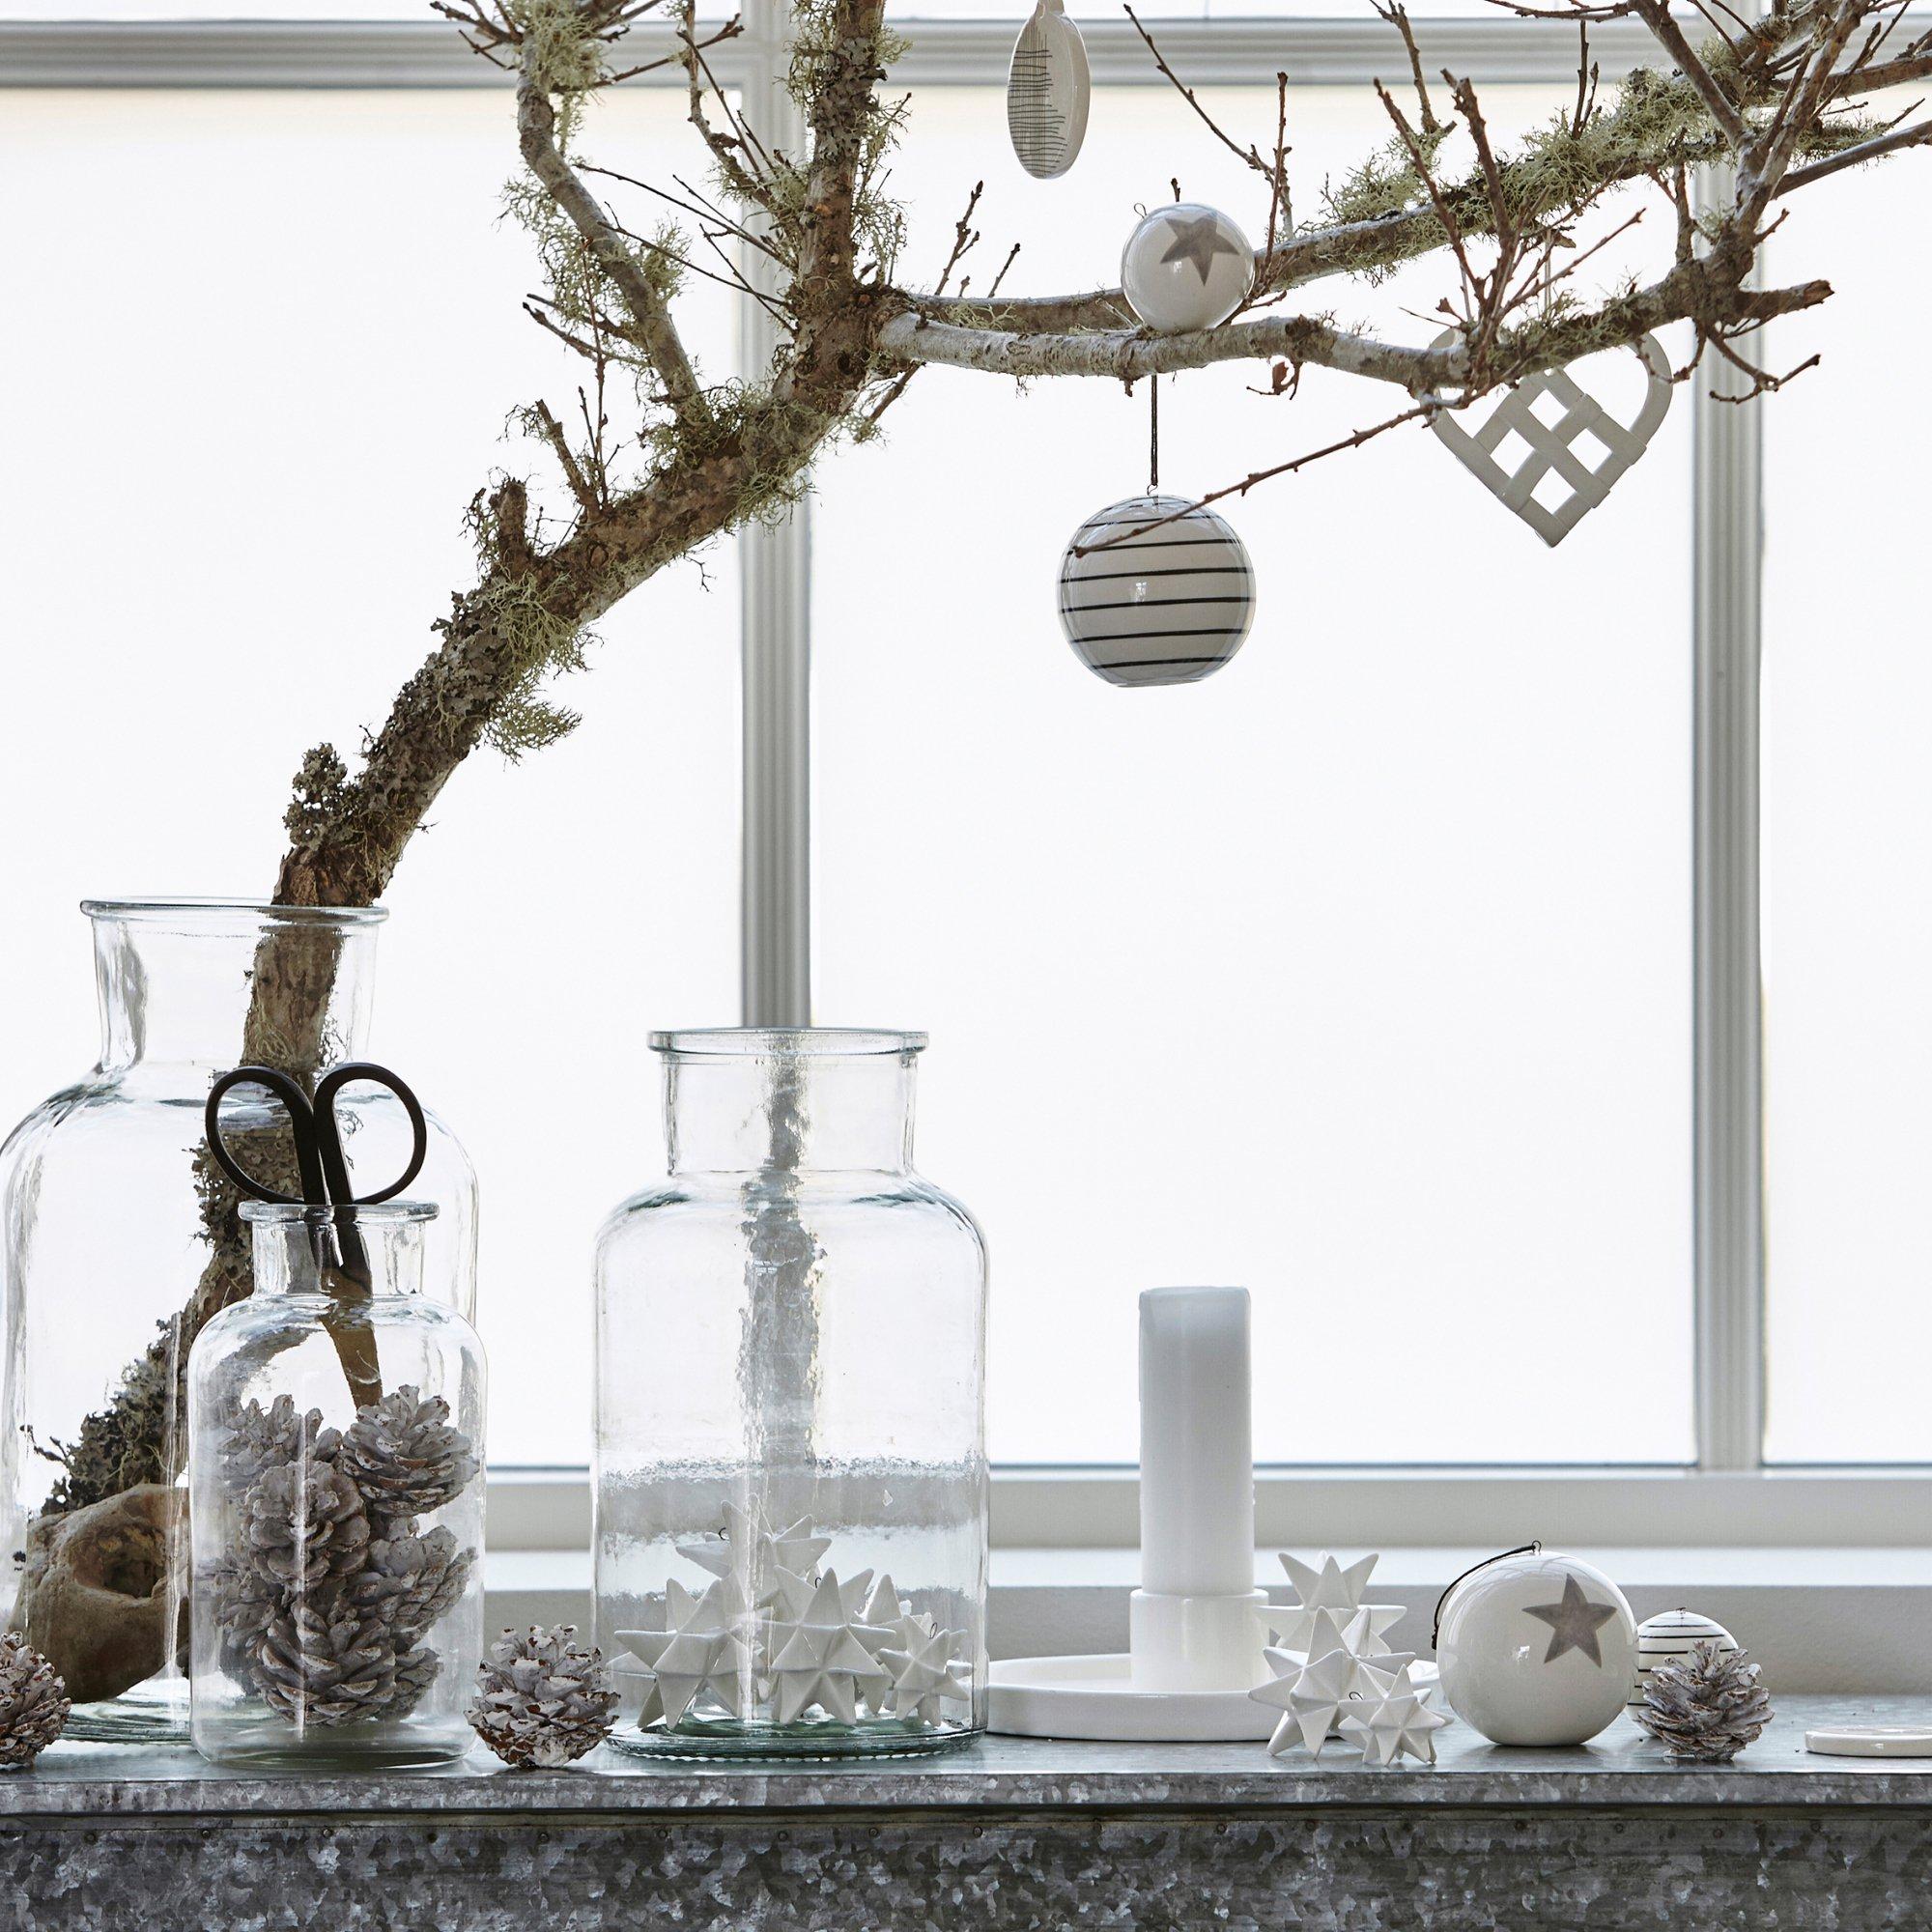 Украшение окна однокомнатной квартиры к новому году